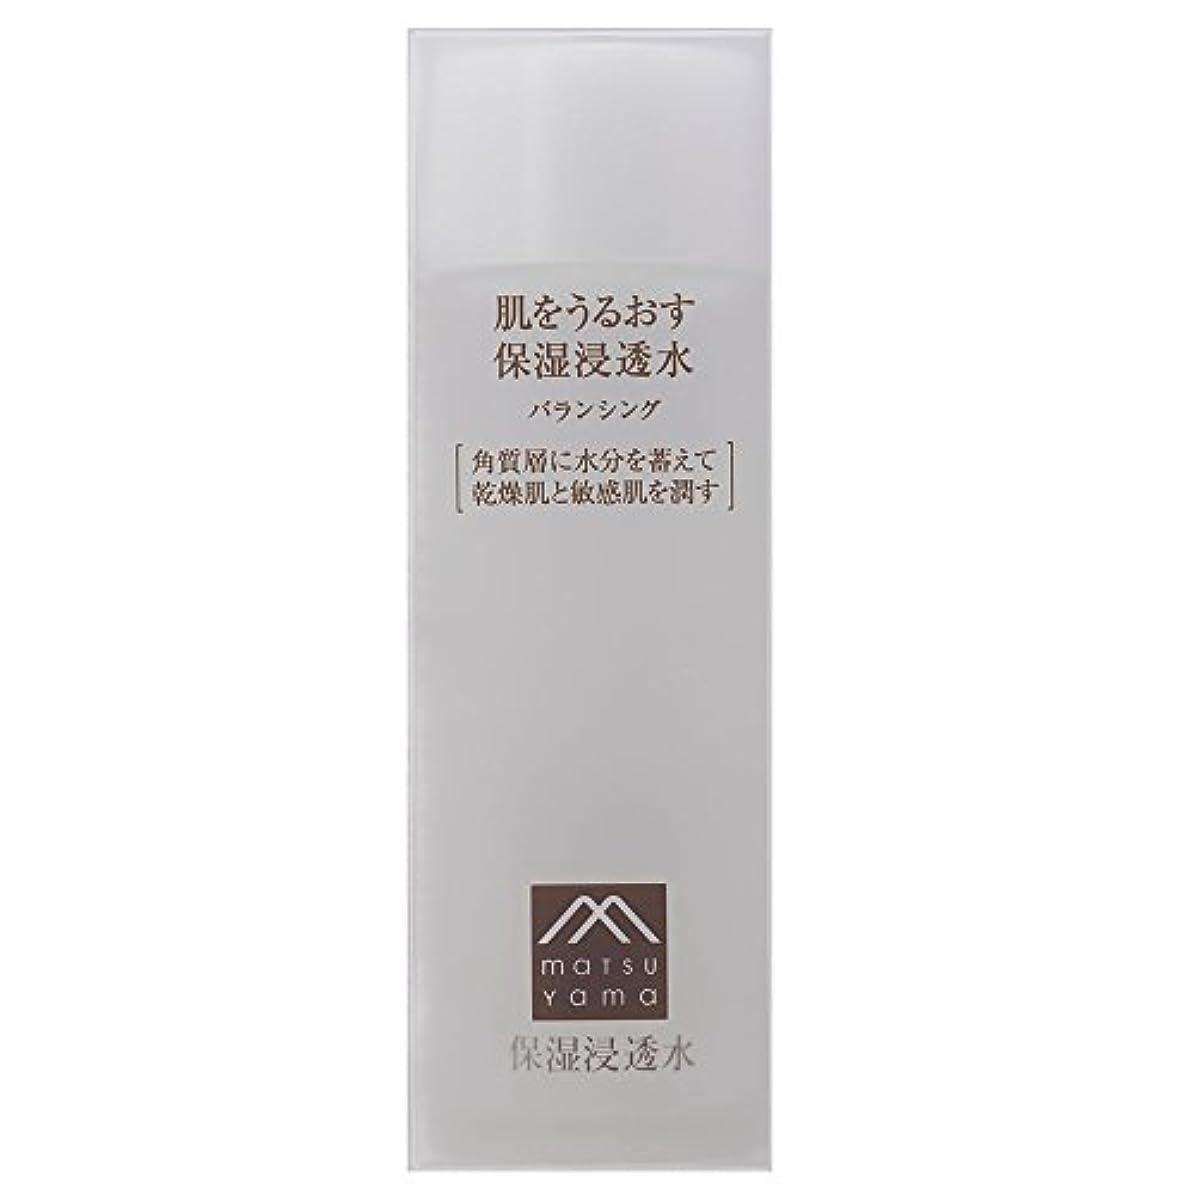 までユニークな磁器肌をうるおす保湿浸透水 バランシング(化粧水) べたつきを抑える [乾燥肌 敏感肌]